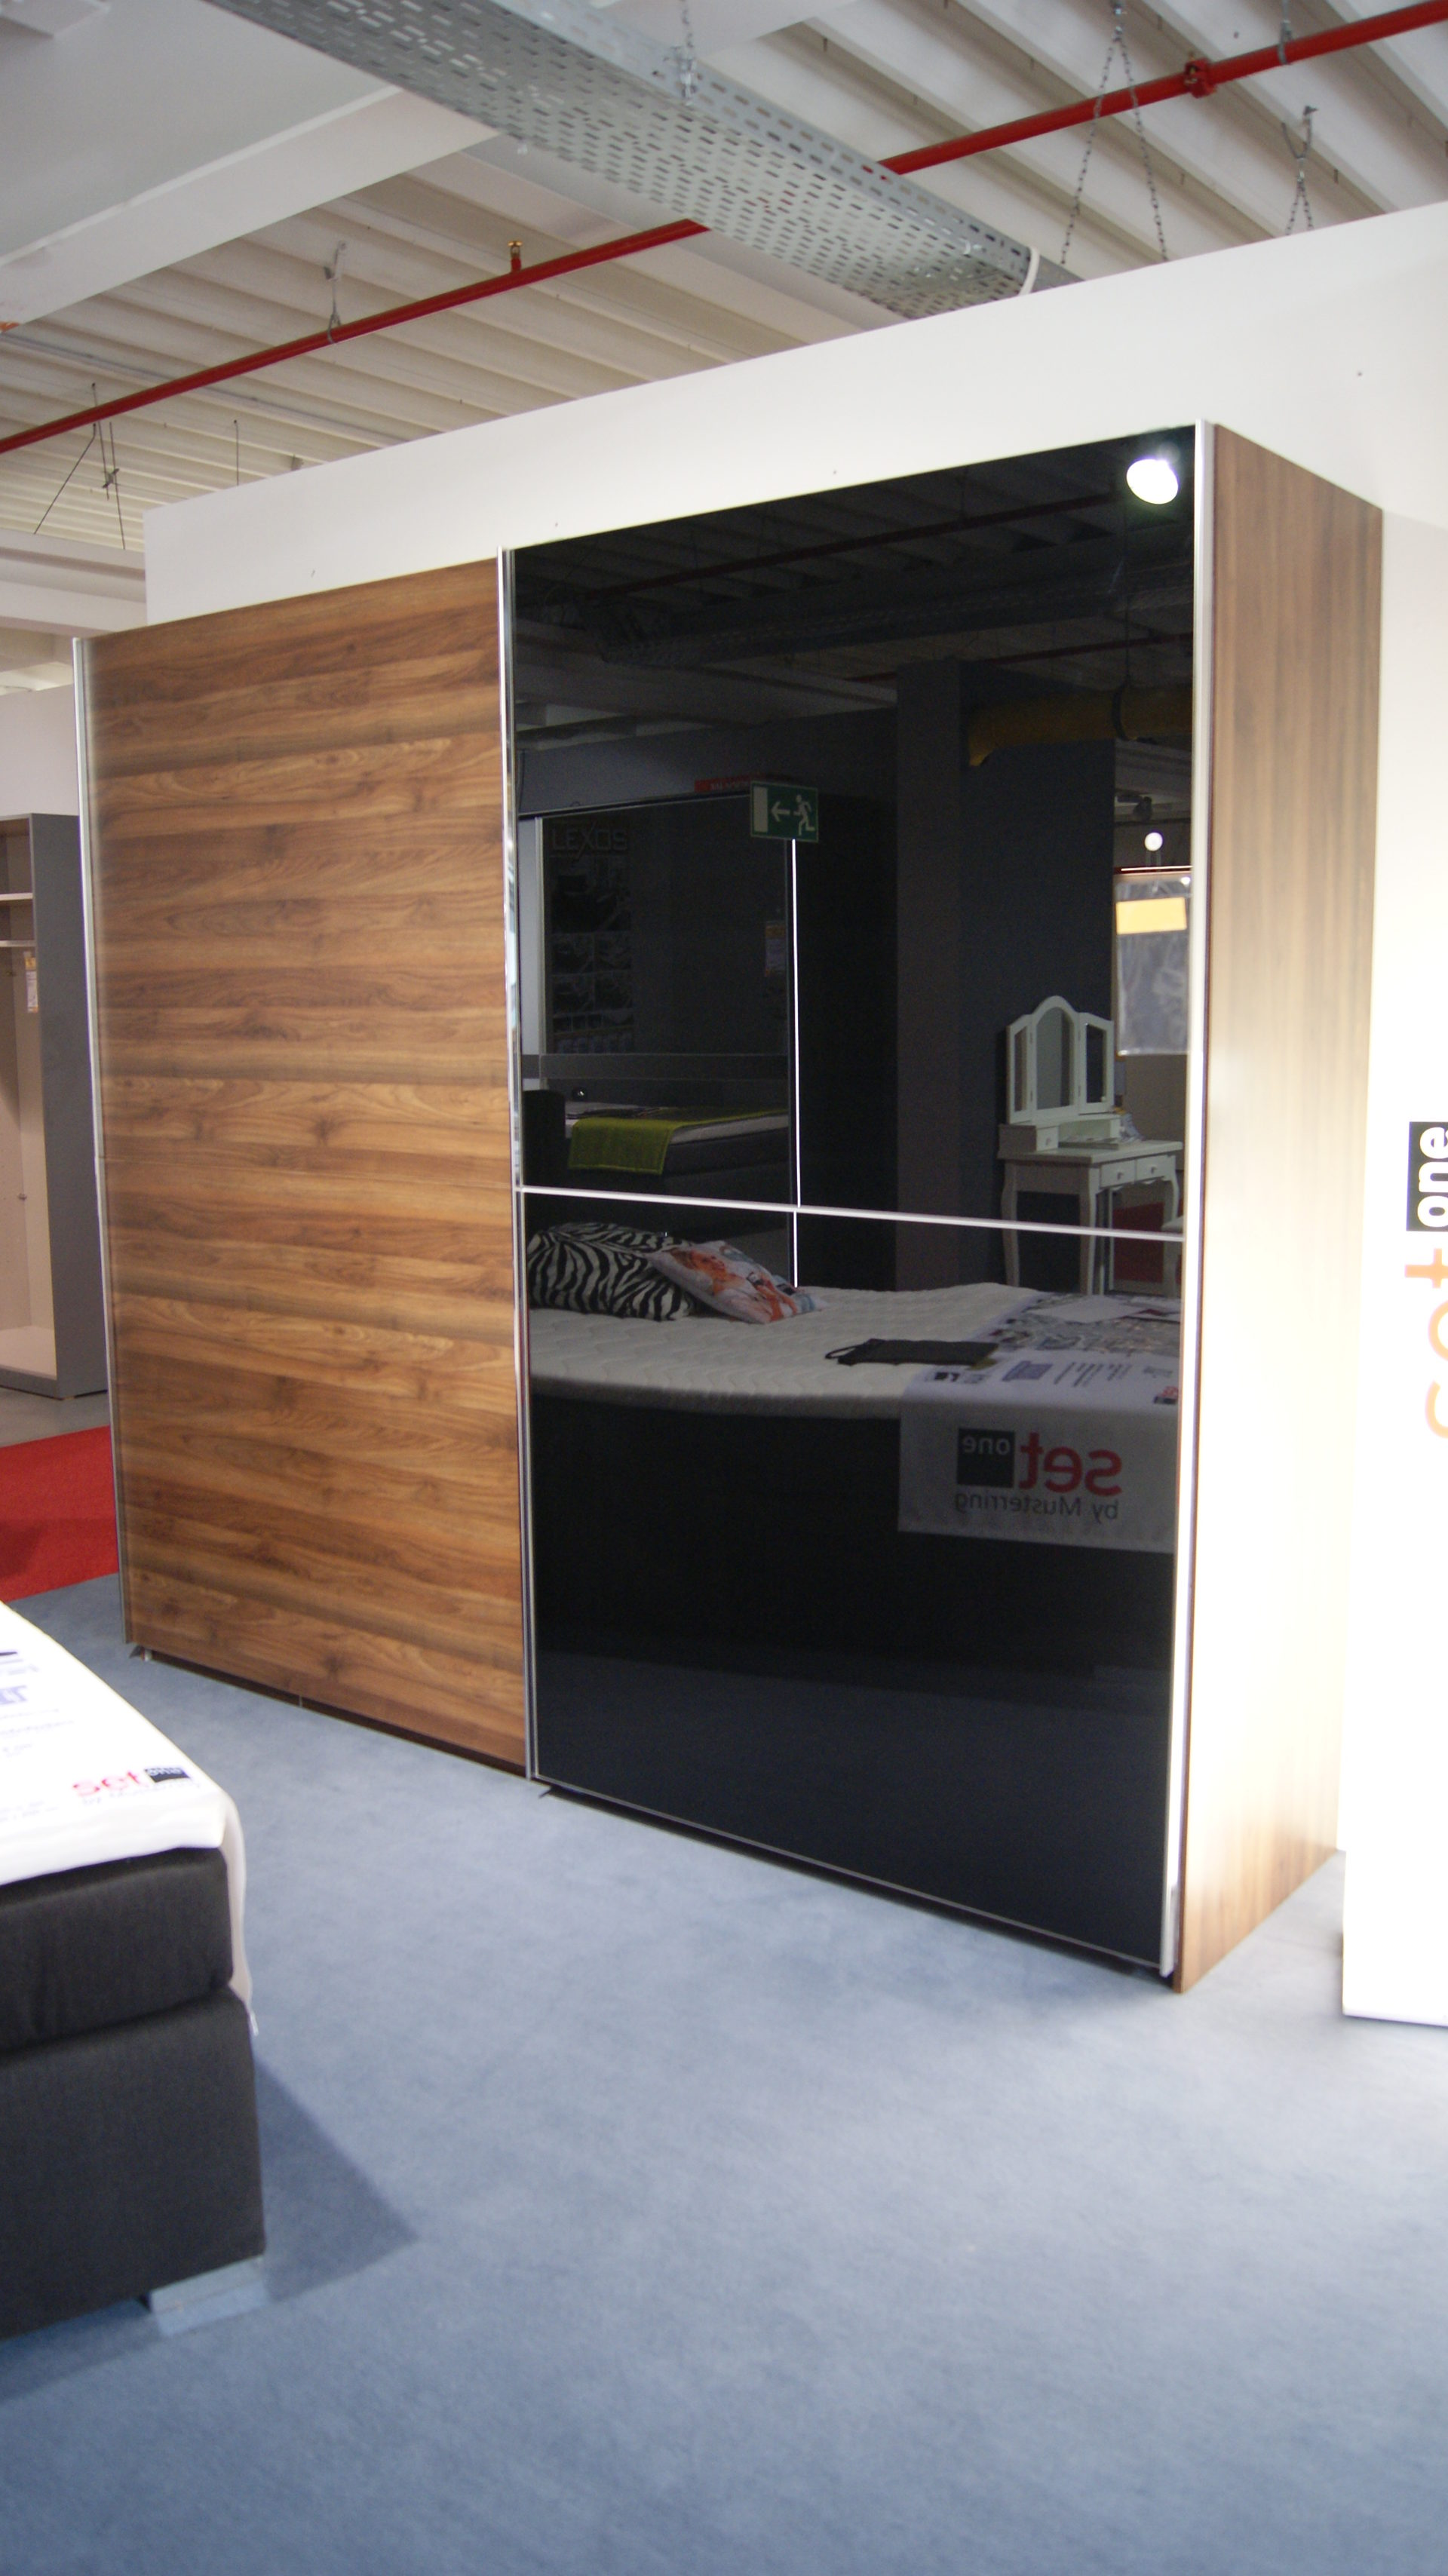 Schlafzimmer Set Mit Schrank Kopfkissen Amazon Garanta Bettdecken